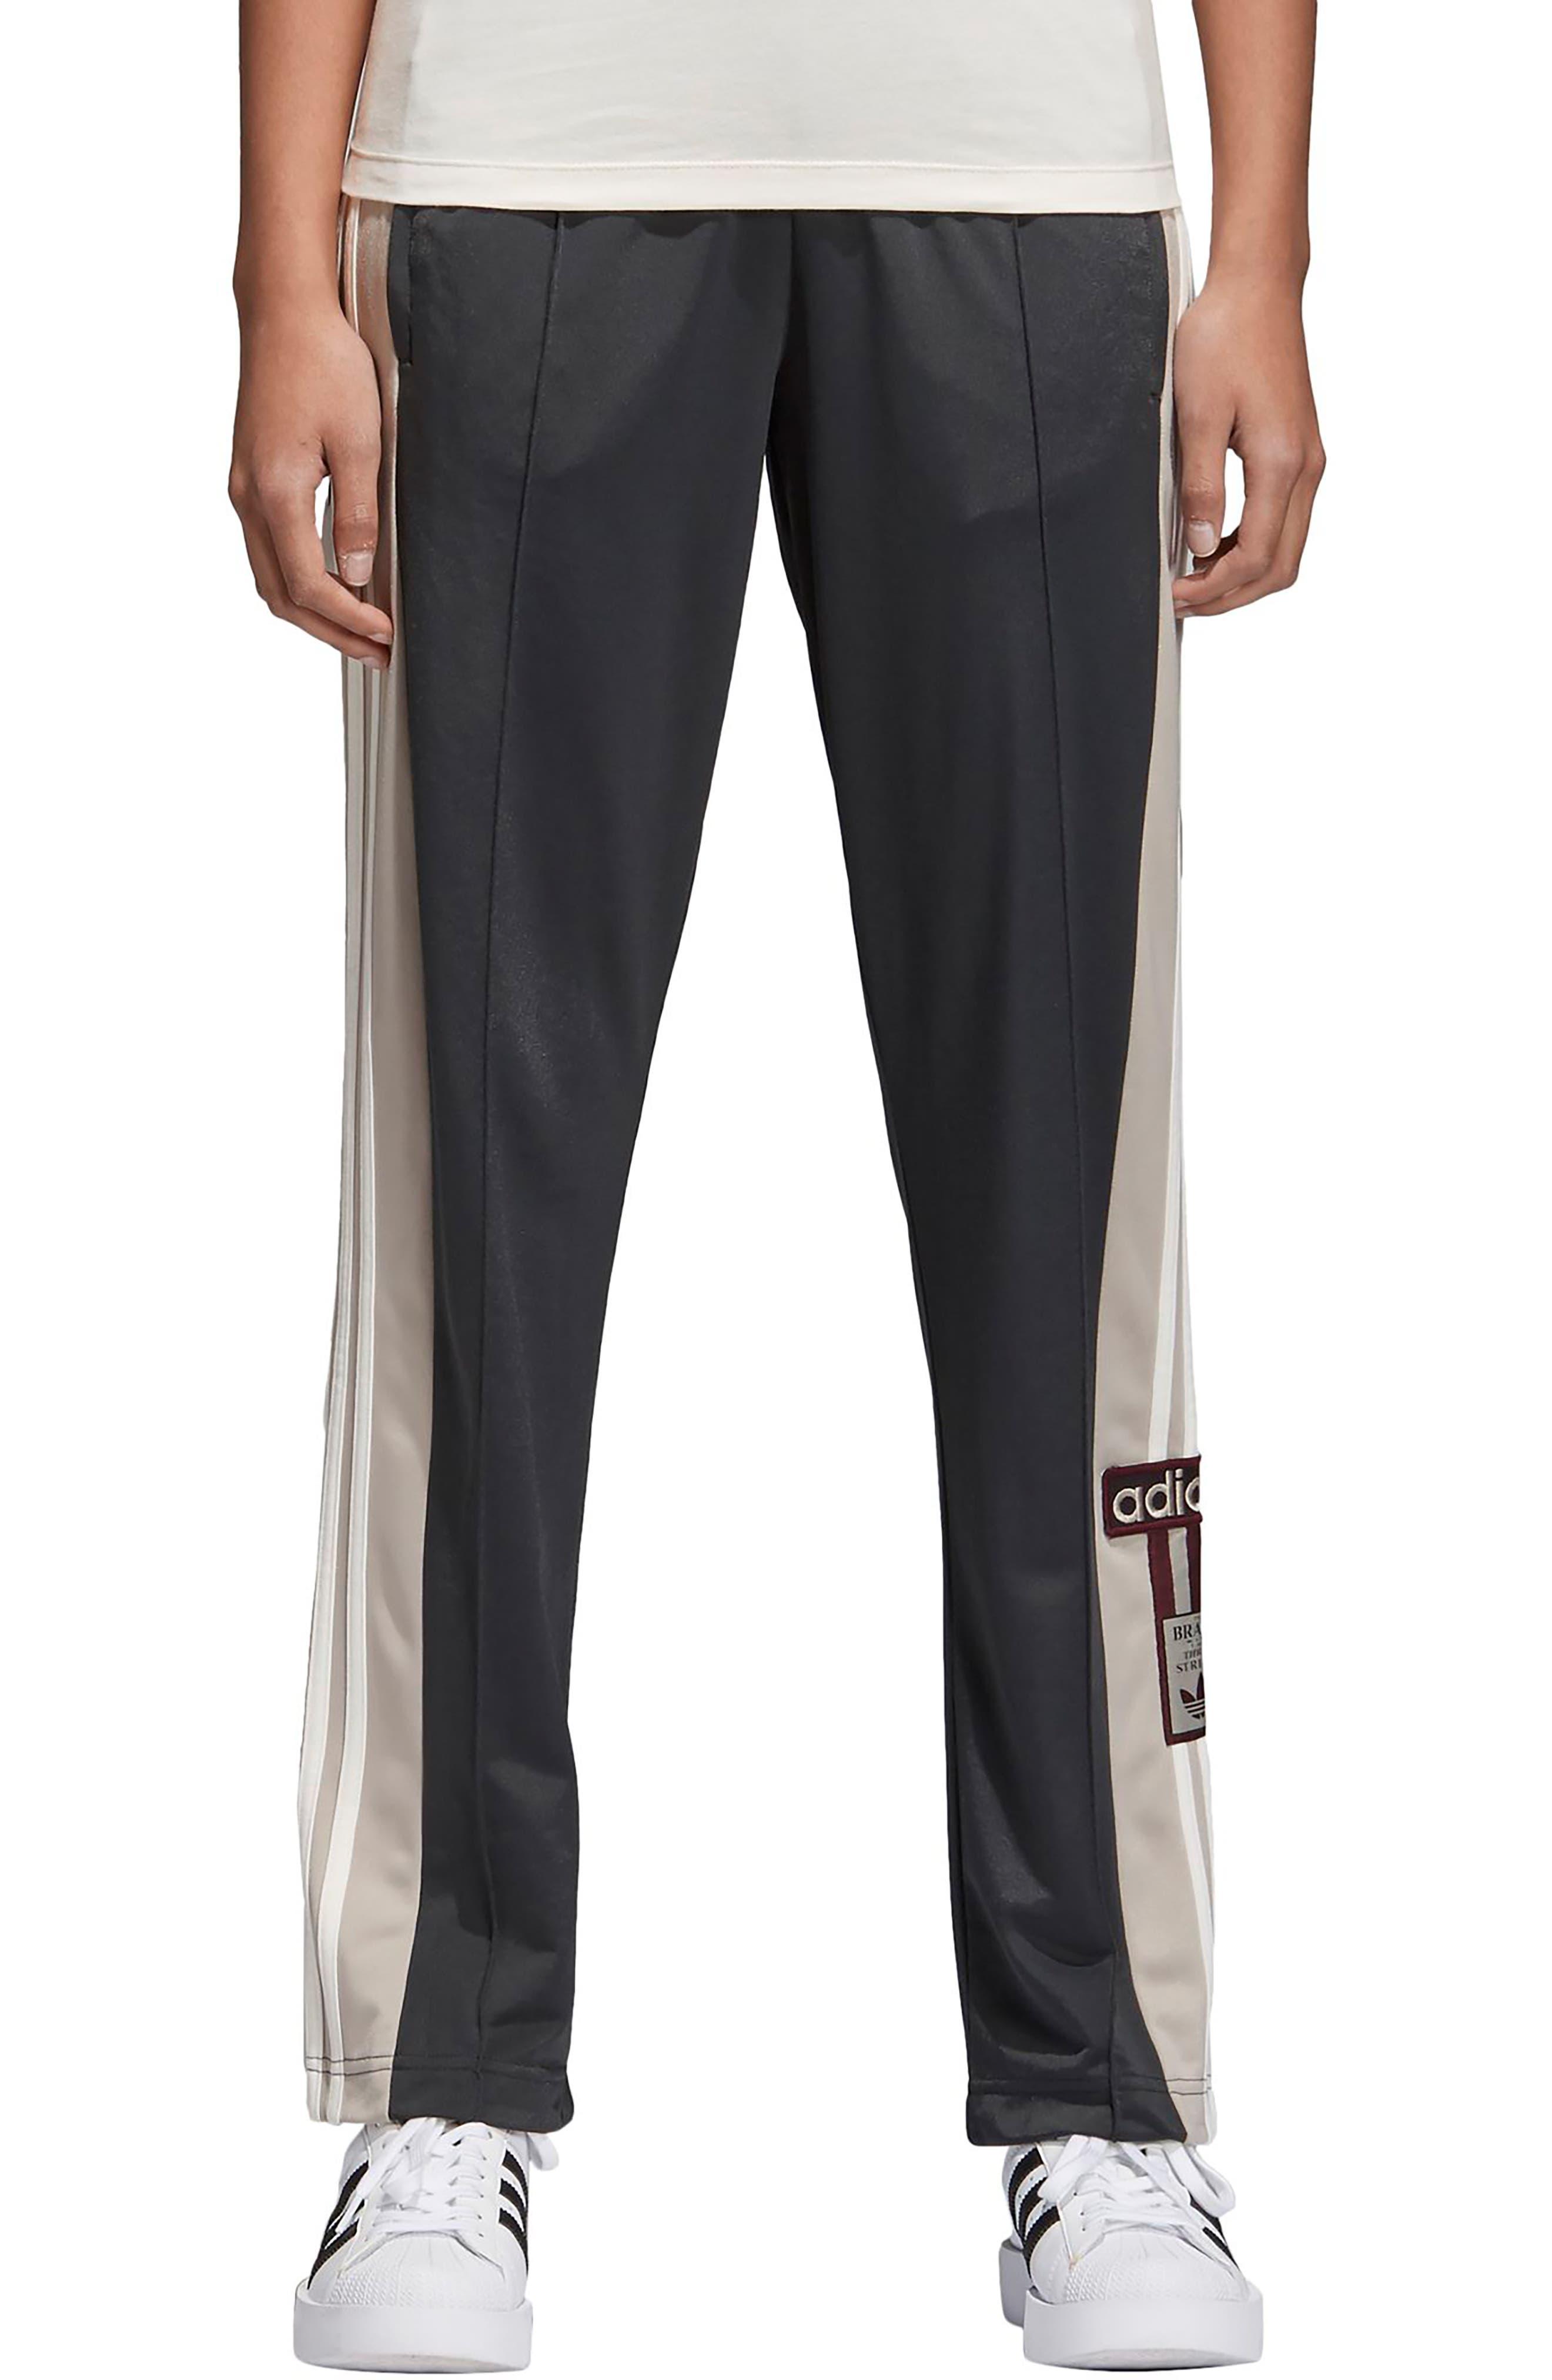 Alternate Image 1 Selected - adidas Originals Adibreak Tearaway Track Pants